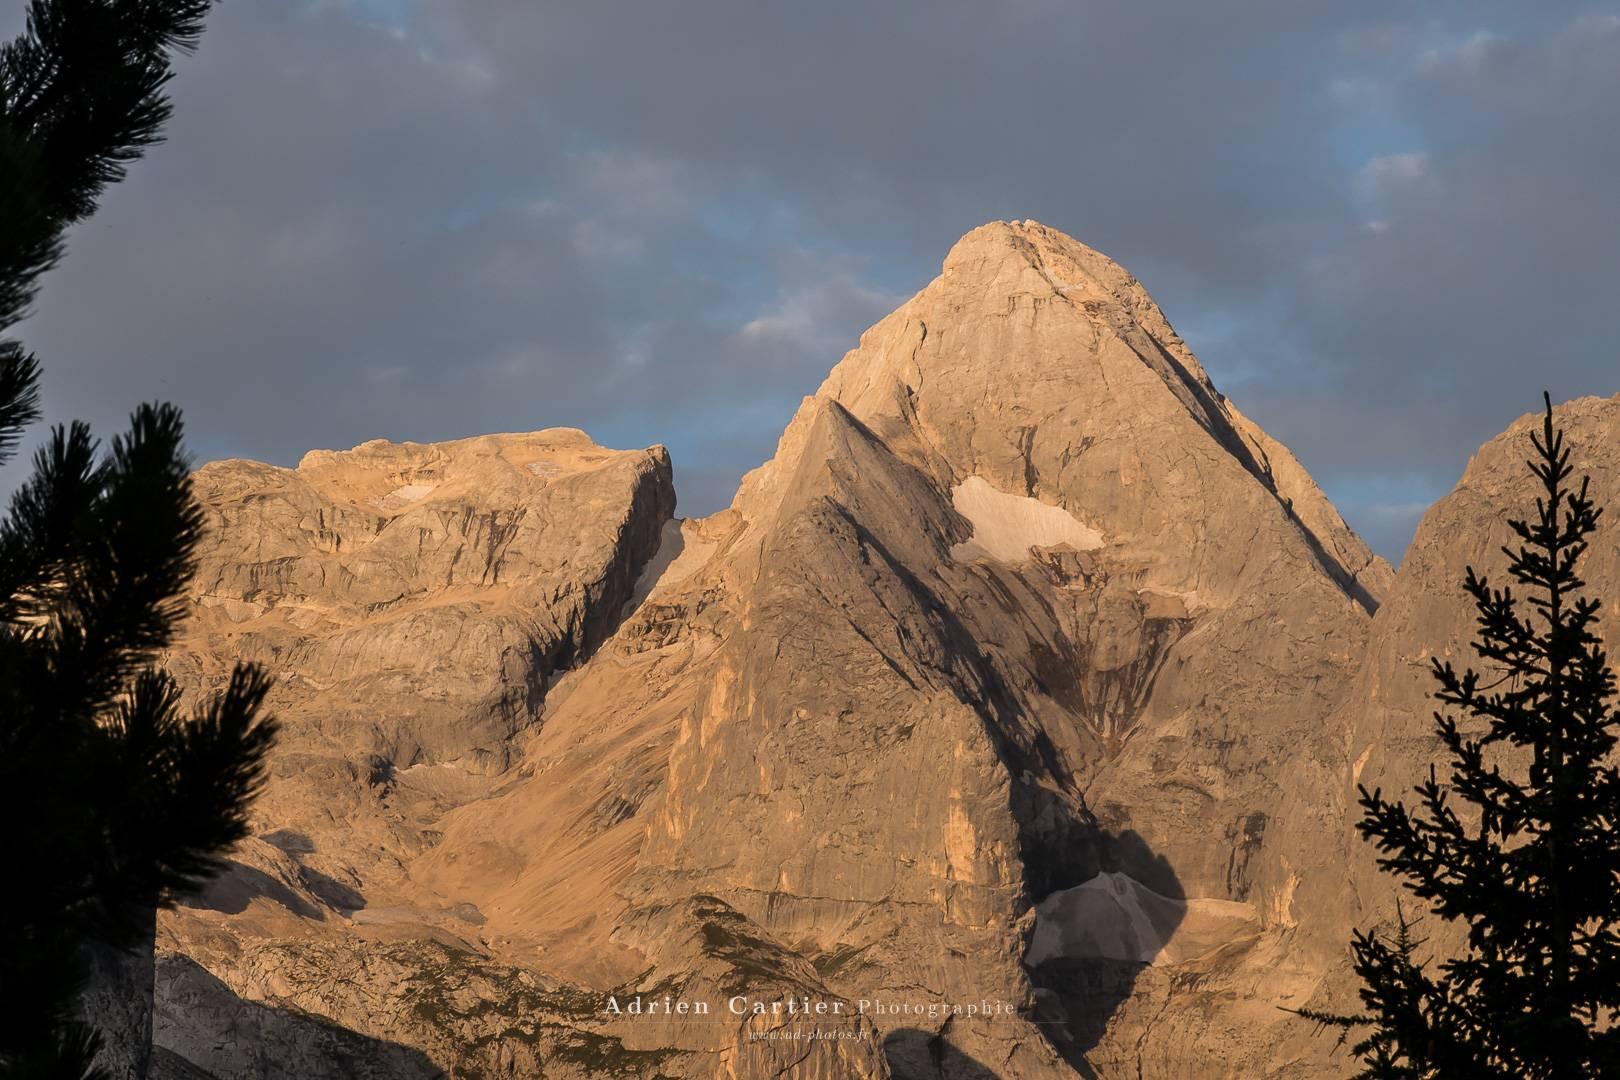 randonnée/trek - Italie-Trek A travers les Dolomites par ...